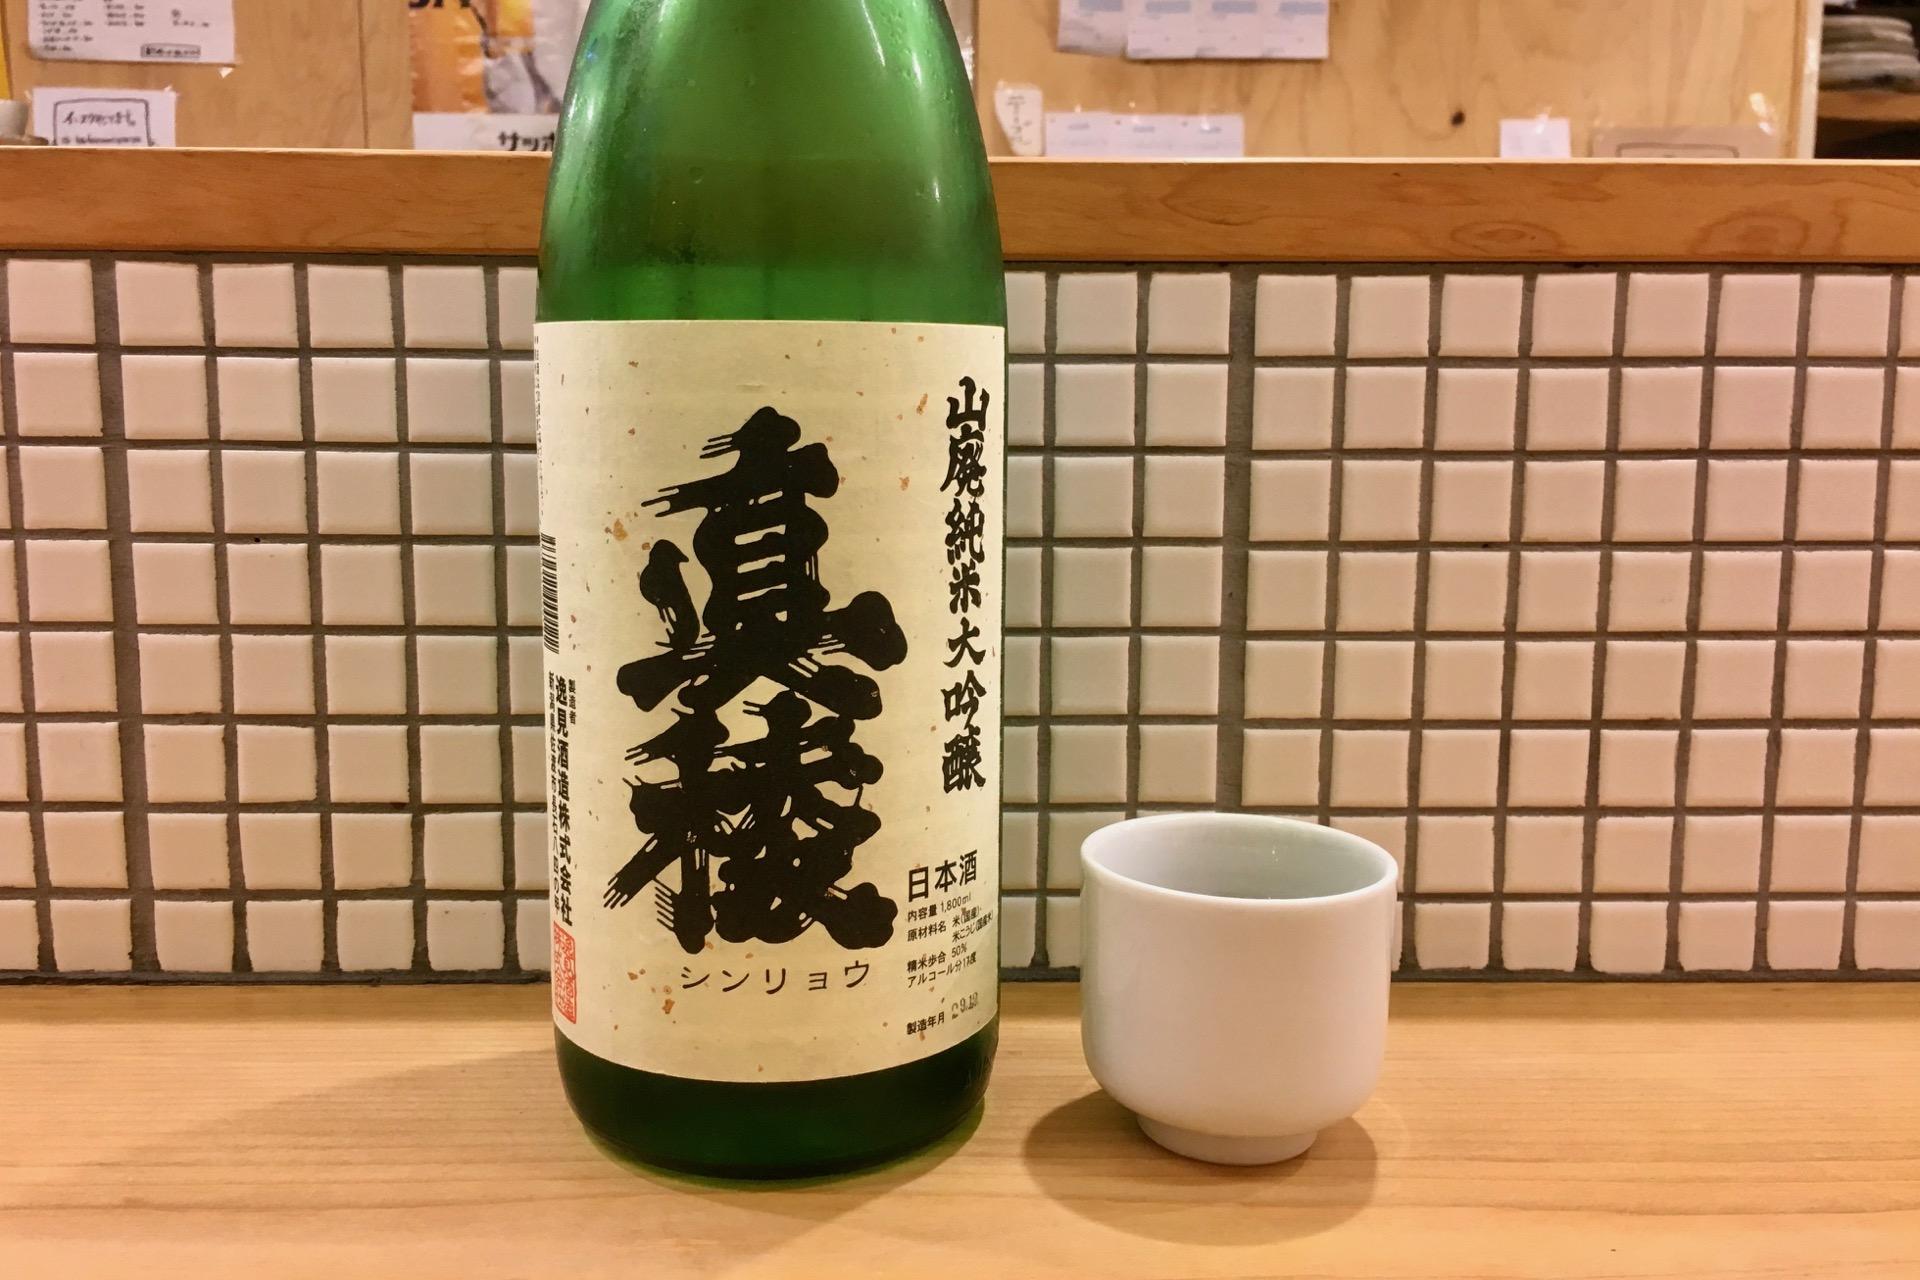 真稜(しんりょう)山廃純米大吟醸 |日本酒テイスティングノート